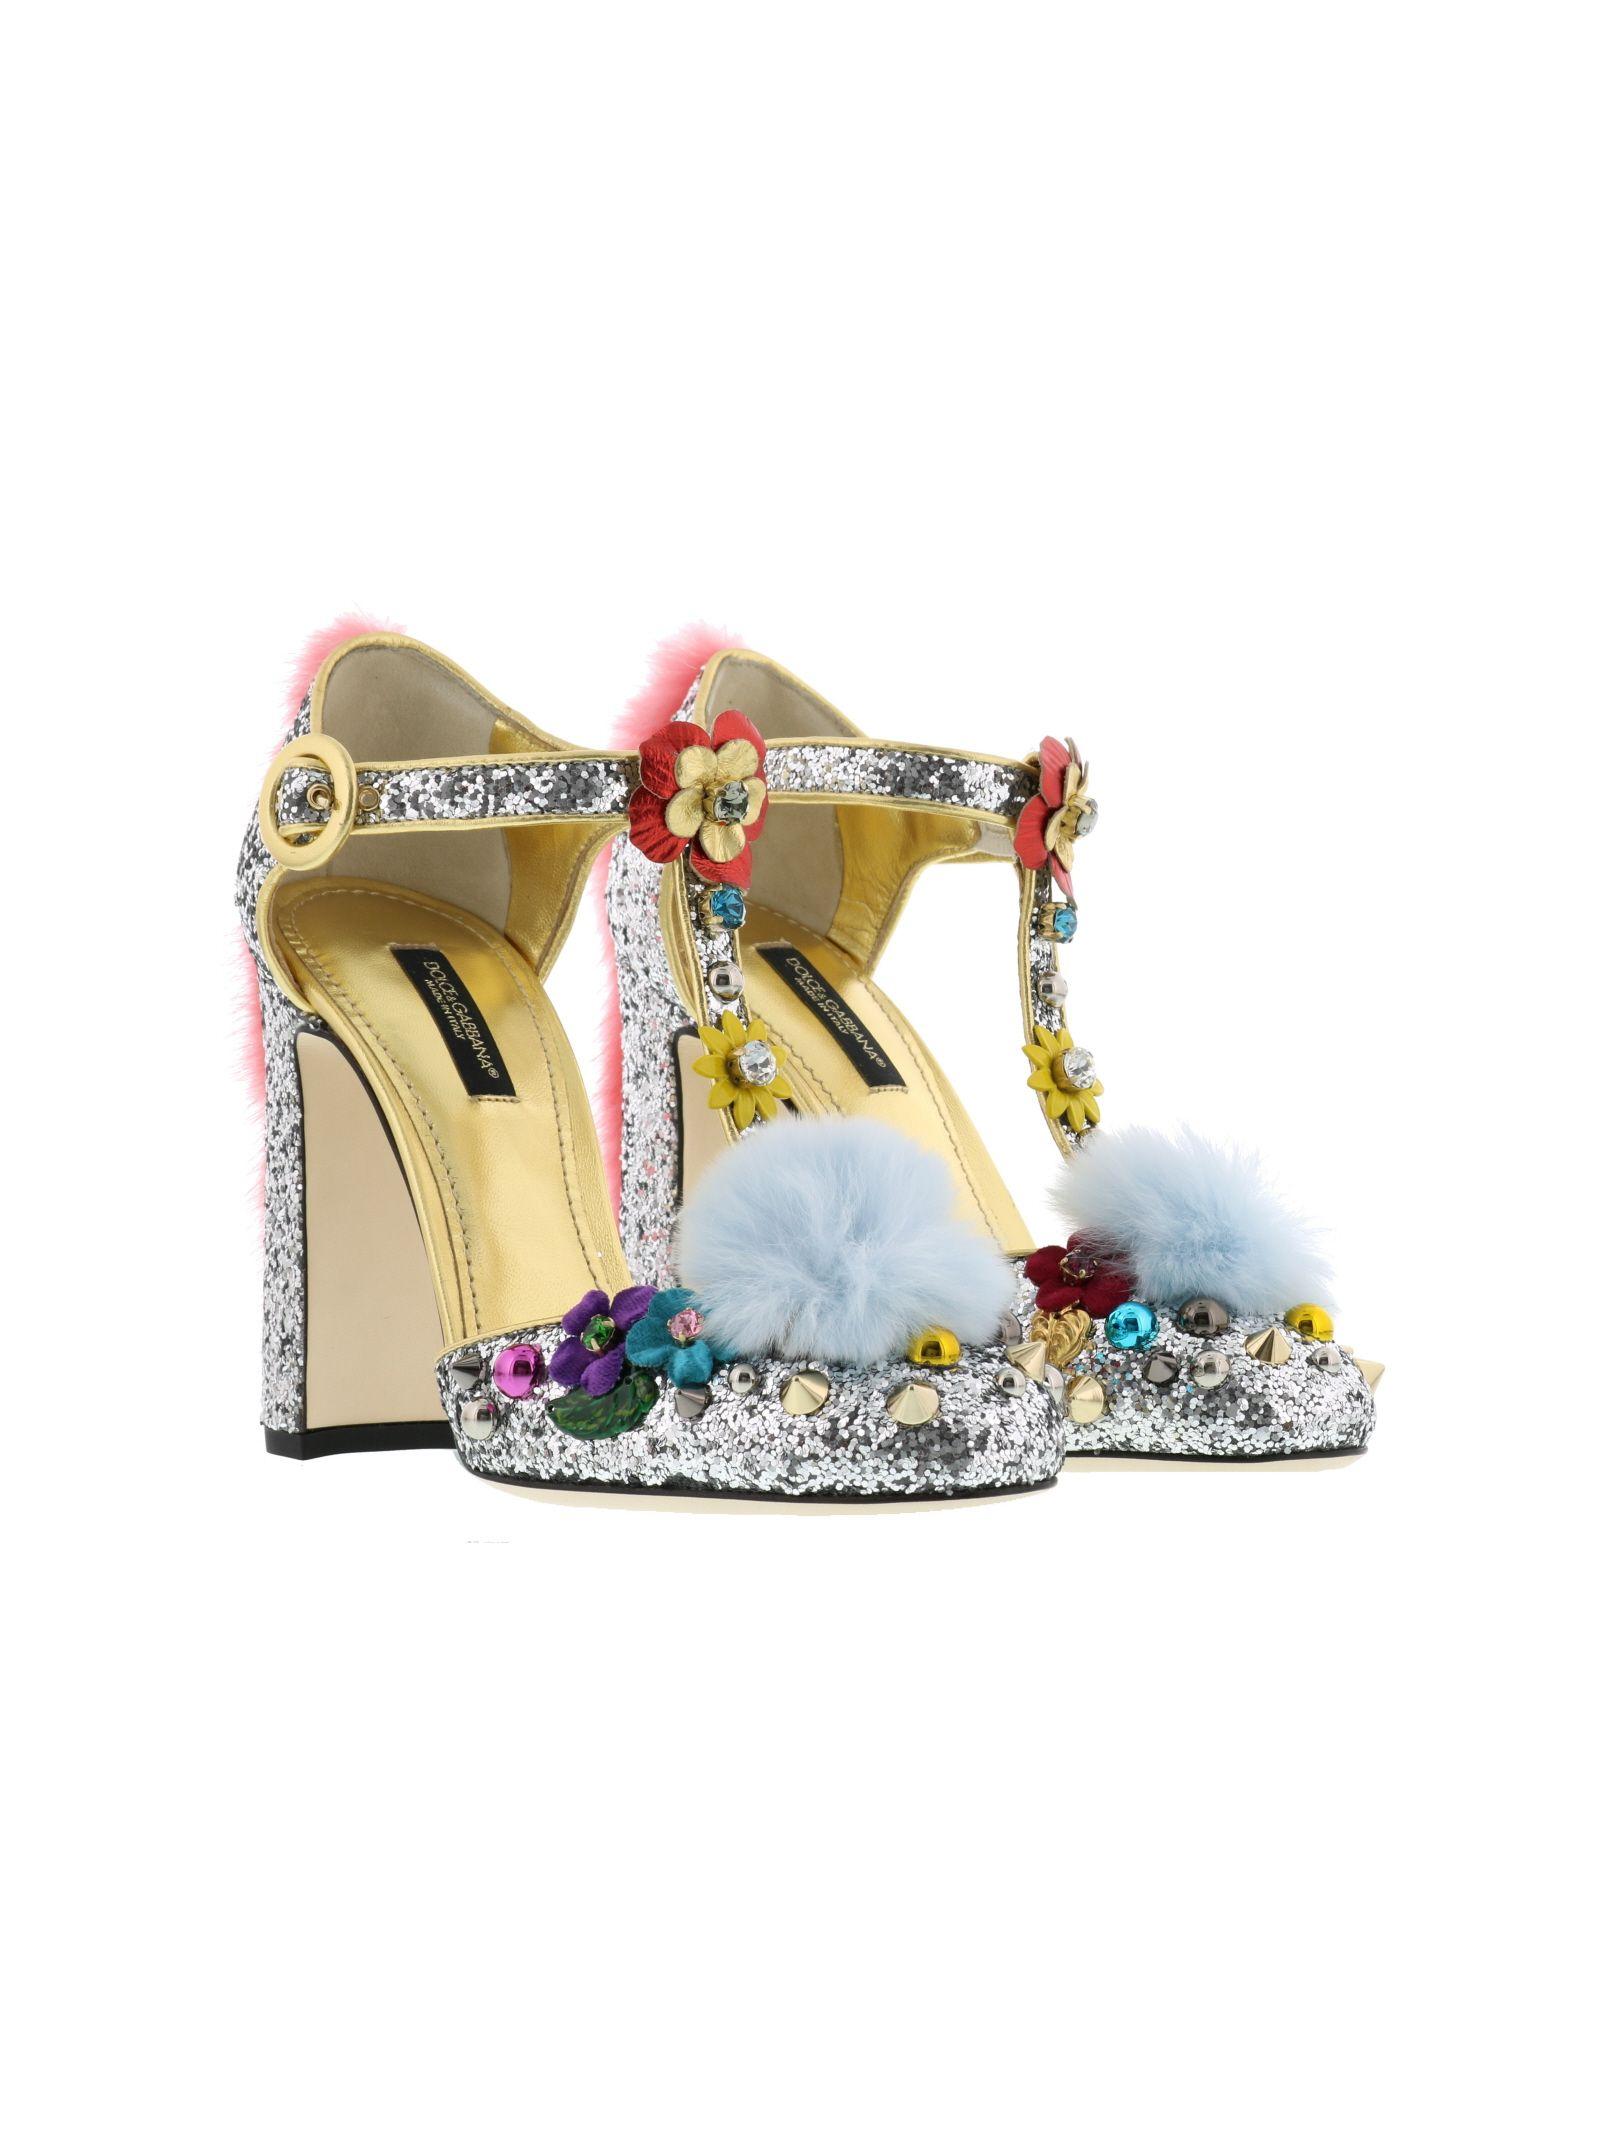 Dolce & Gabbana Decollete' - Dolce & Gabbana - Andrea 2